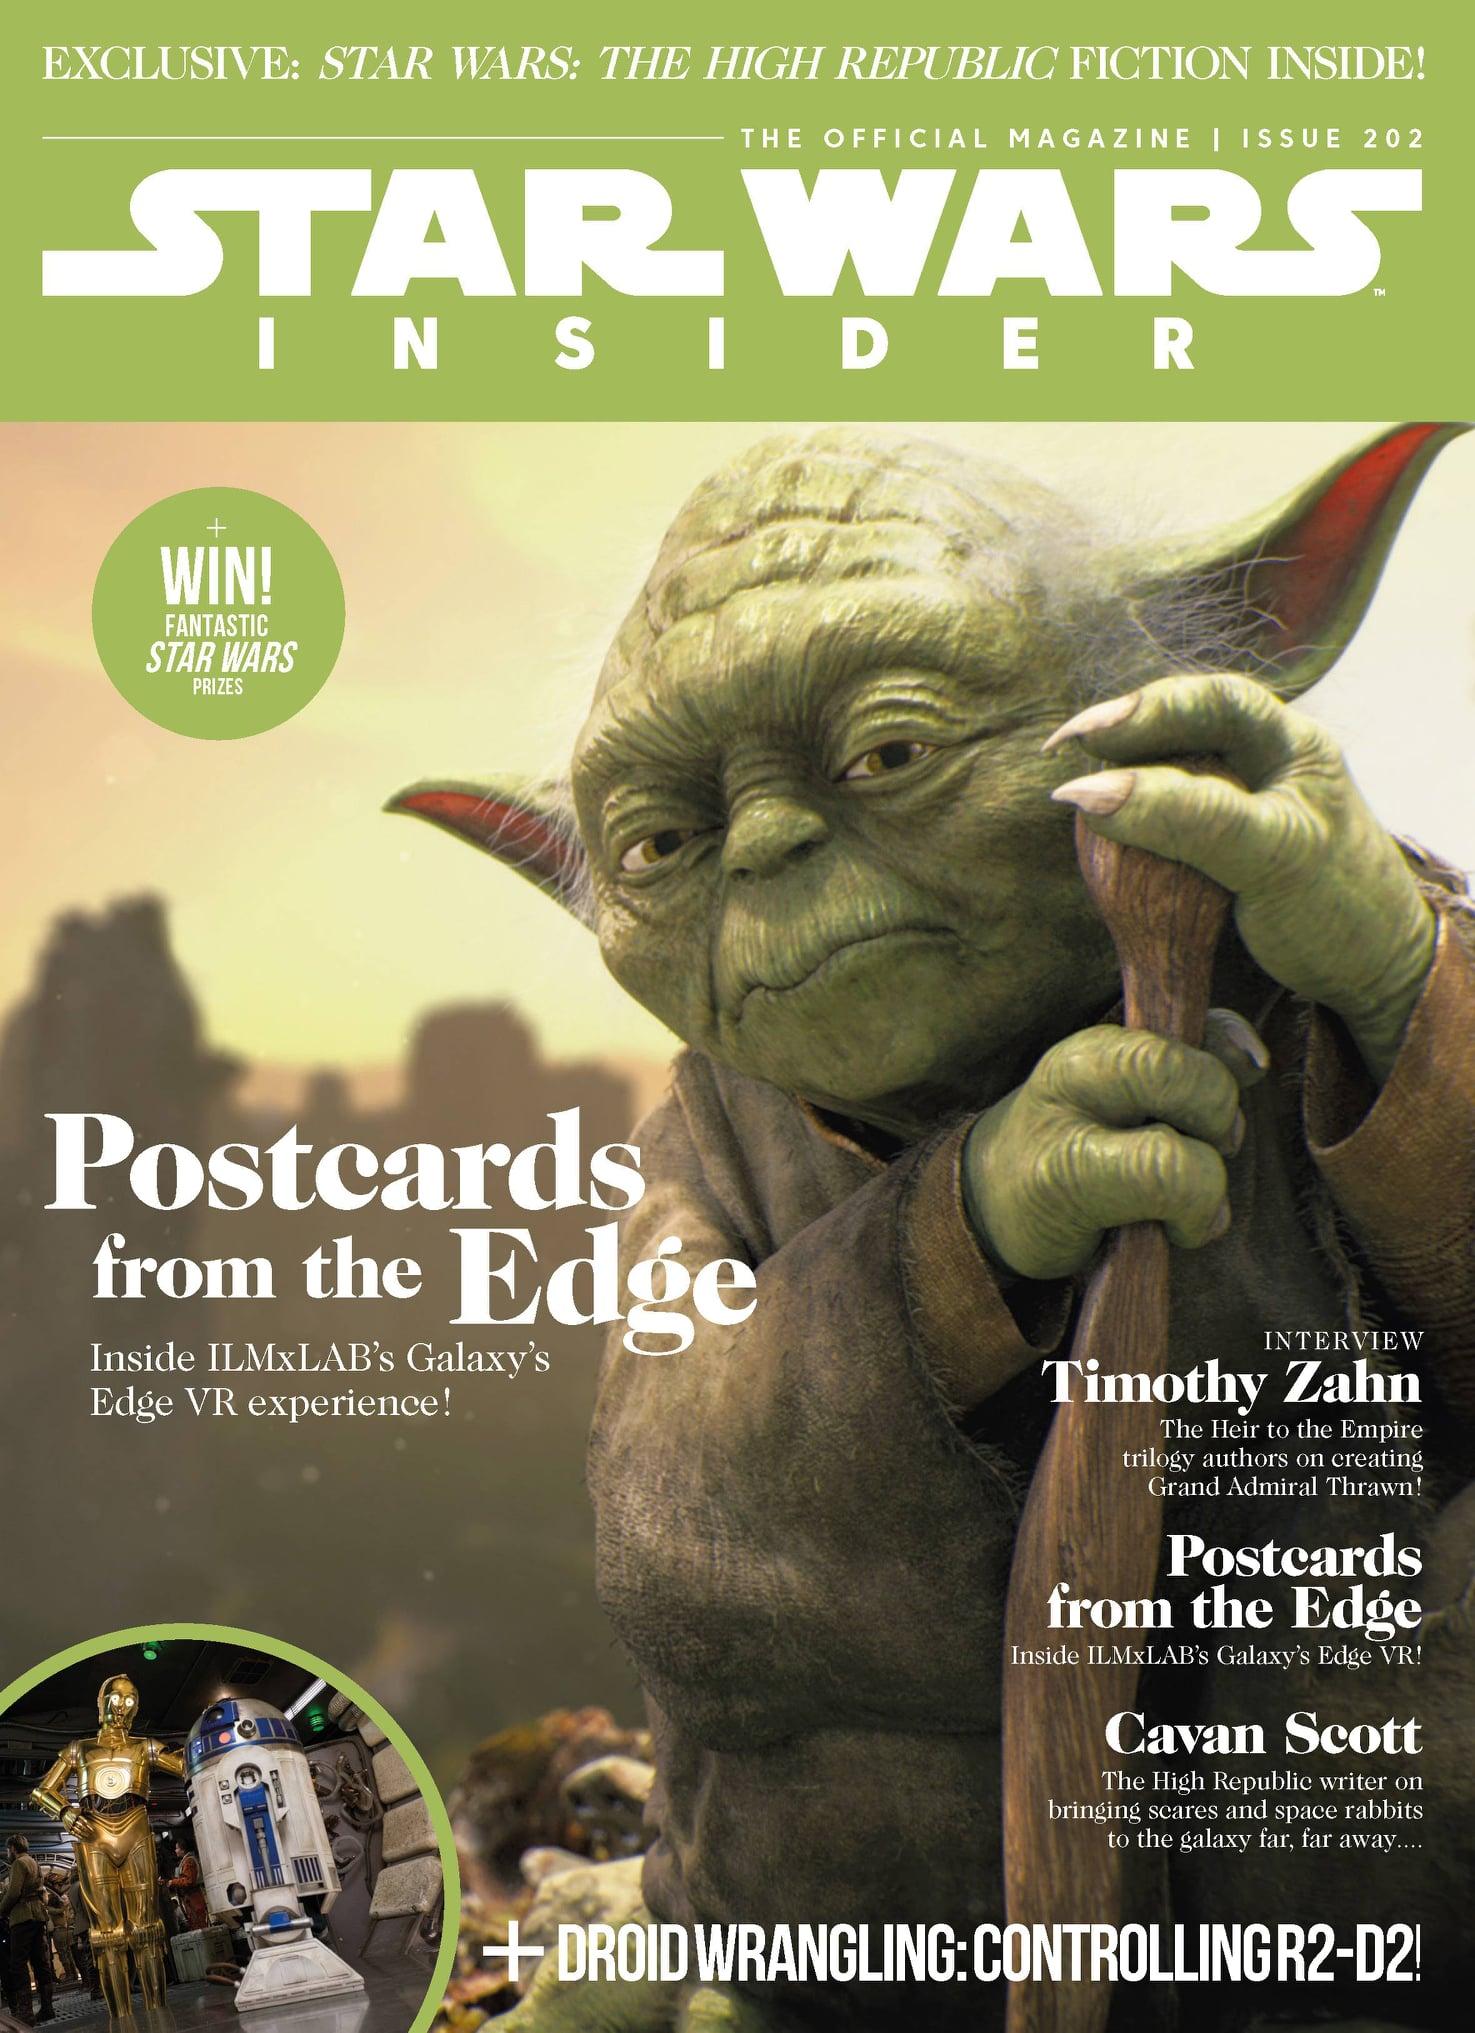 Star Wars Insider 202